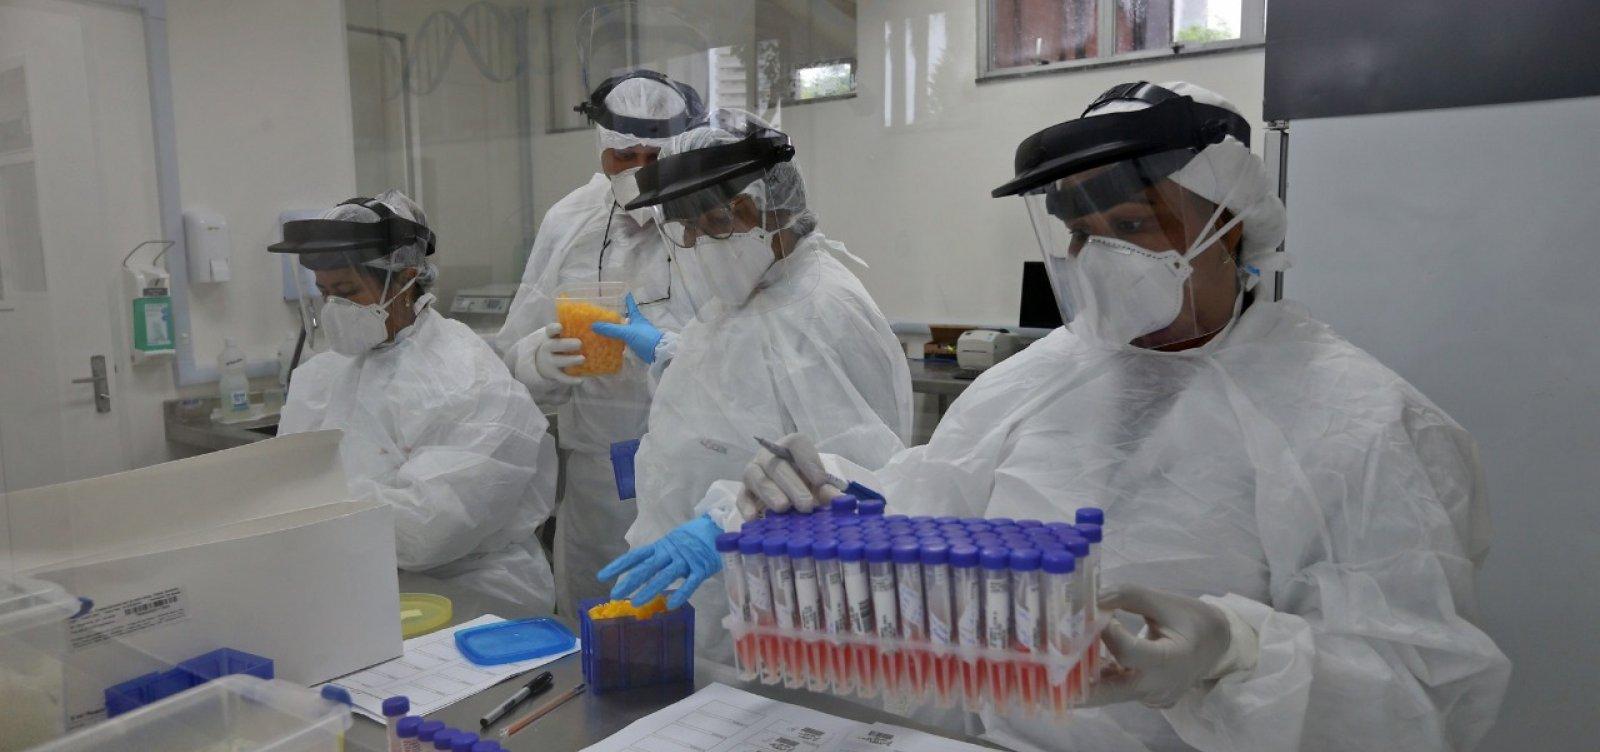 [Bahia tem 3 novas mortes por Covid-19; casos chegam a 3.975 ]